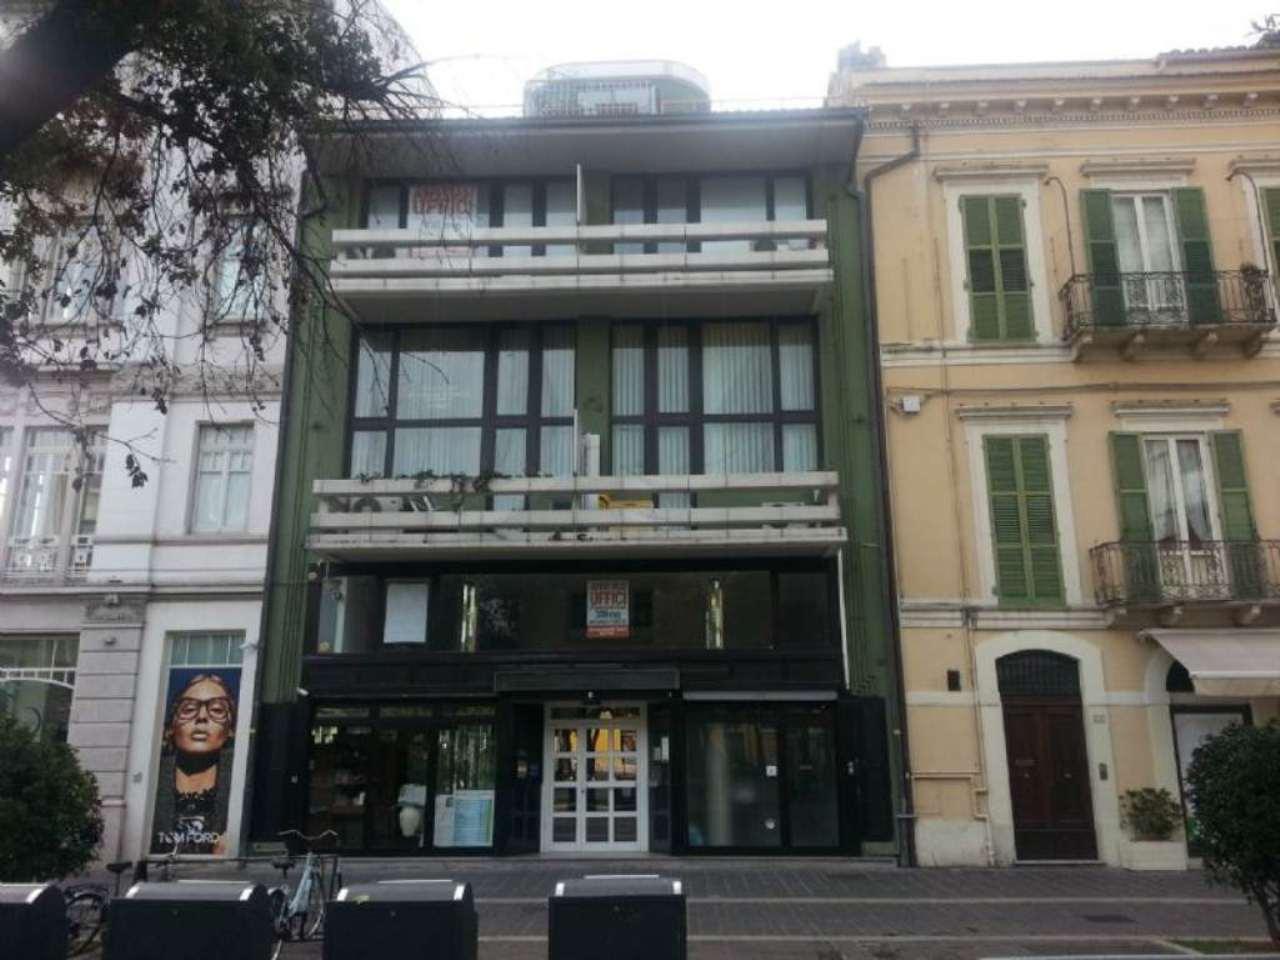 Ufficio / Studio in affitto a Pescara, 2 locali, prezzo € 550 | Cambio Casa.it